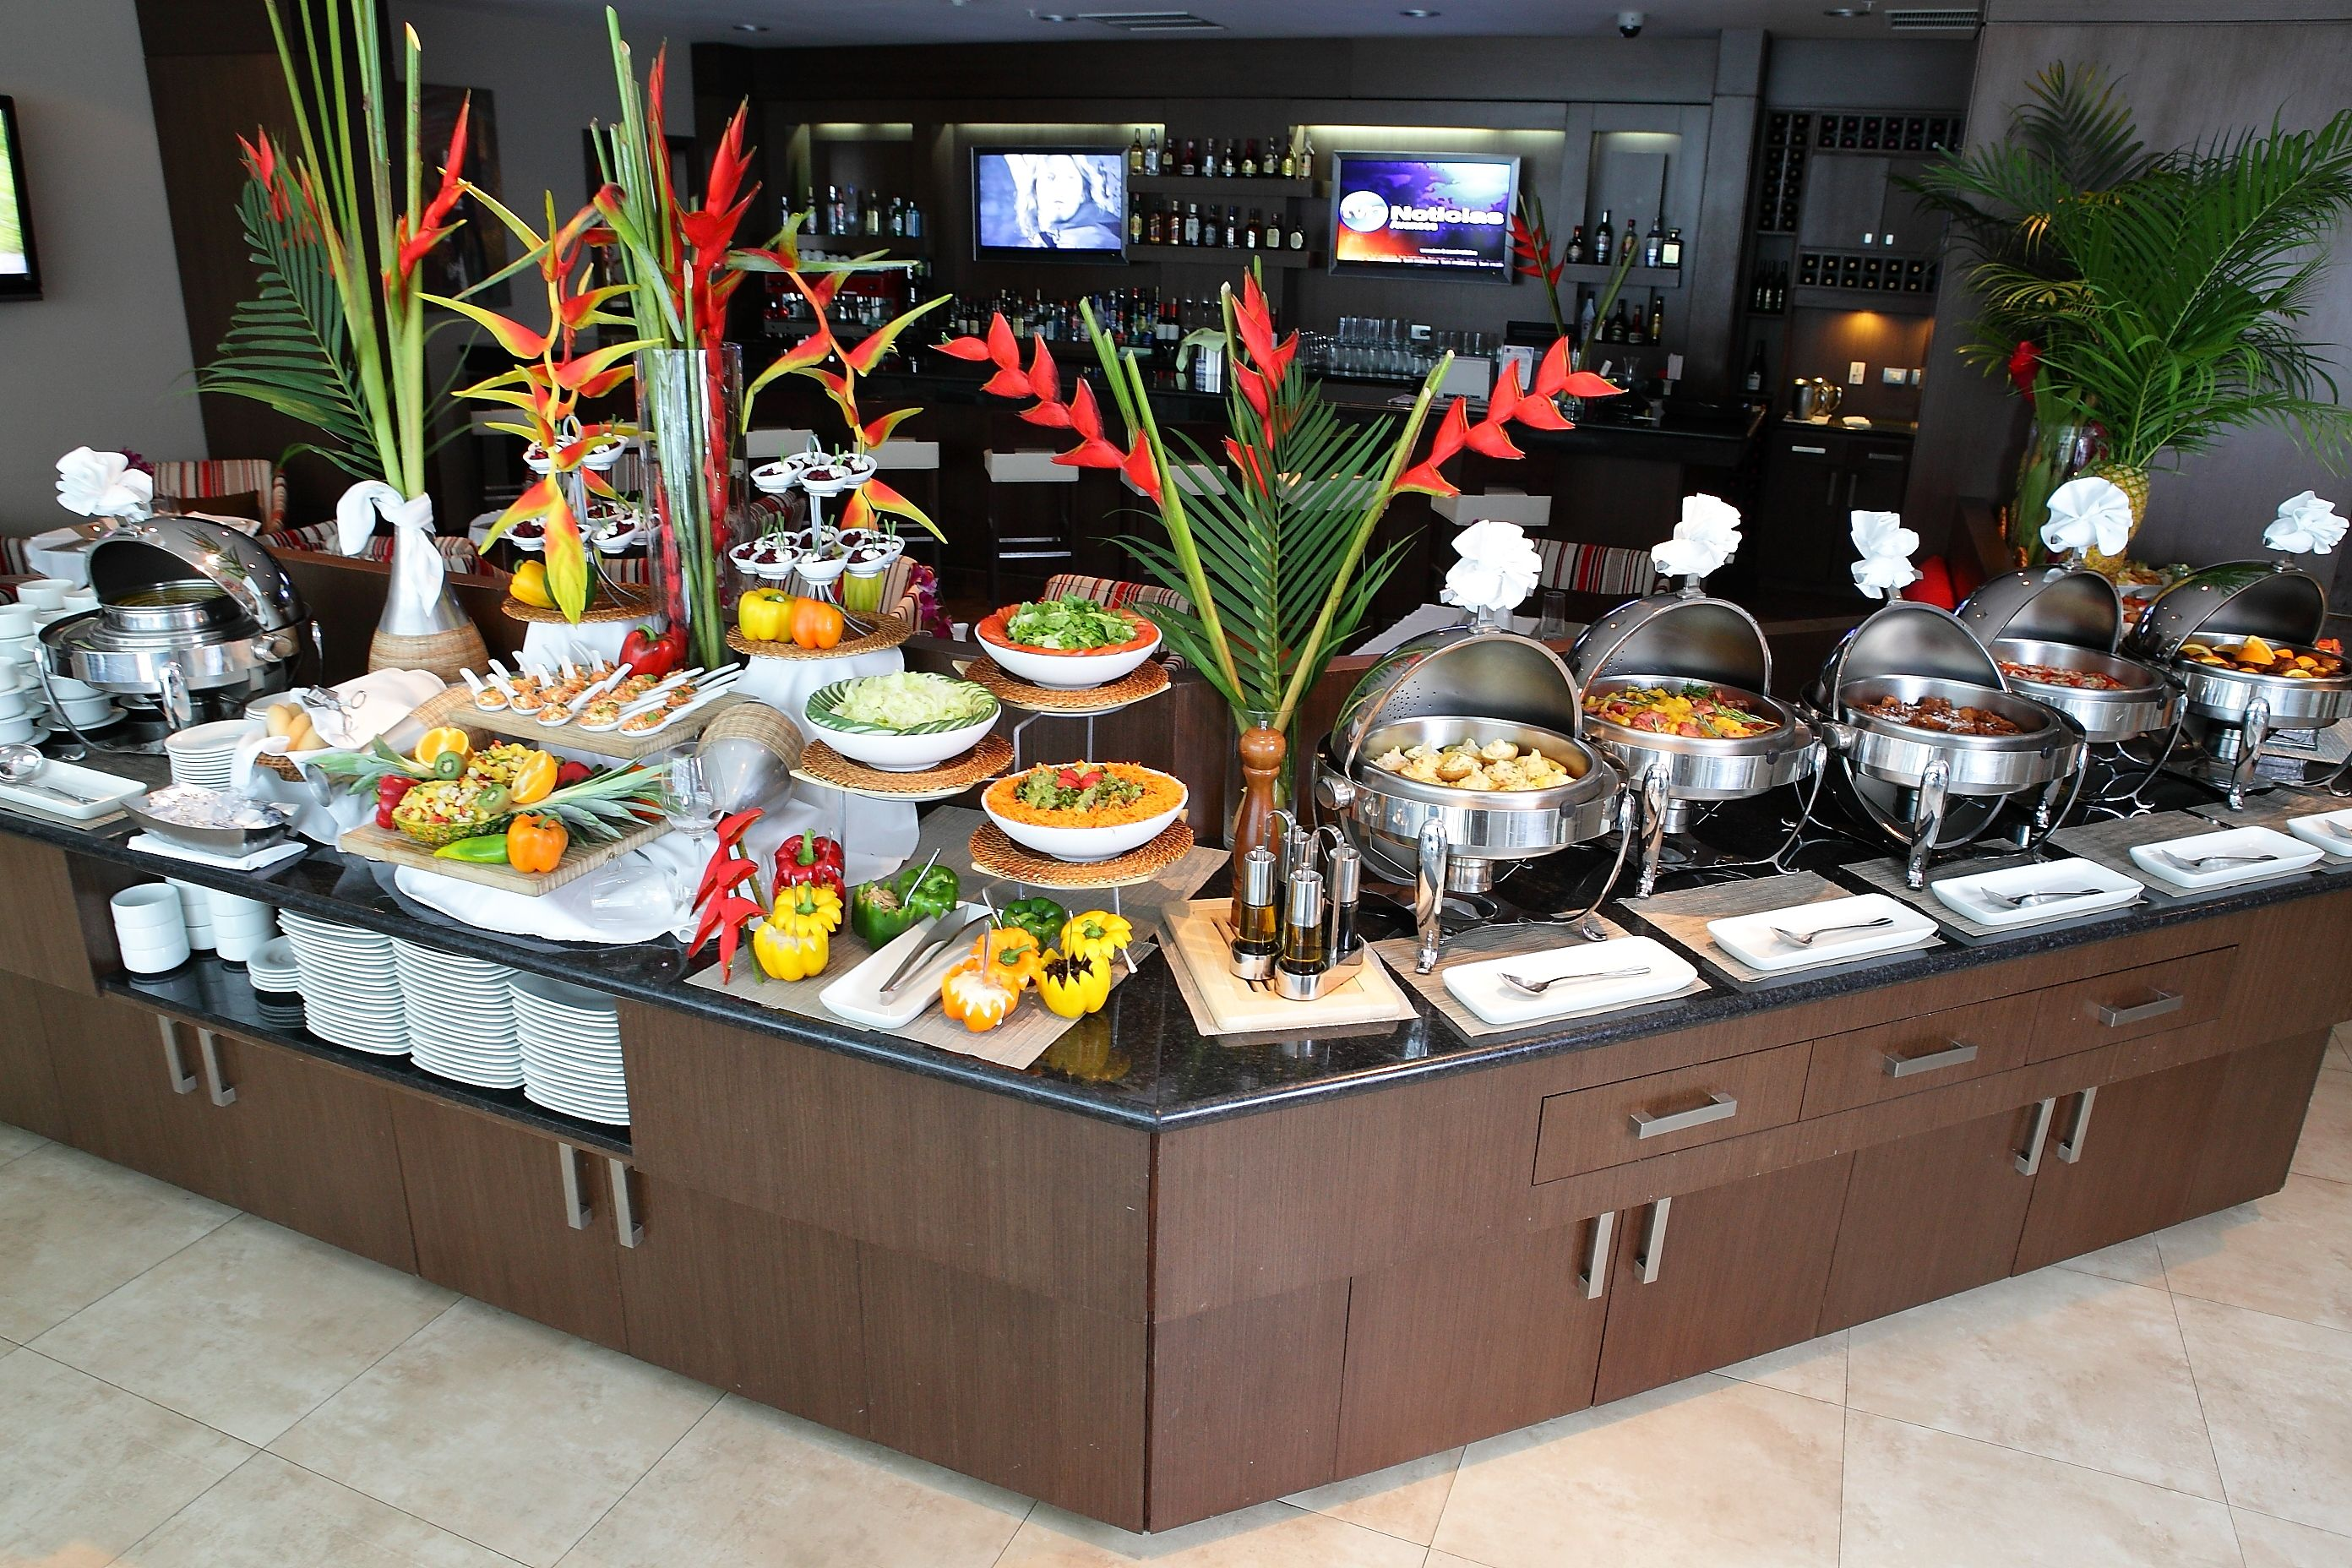 El mejor buffet de almuerzos en el restaurante stylo resto bar del hotel ciudad de david en - Decoracion buffet ...